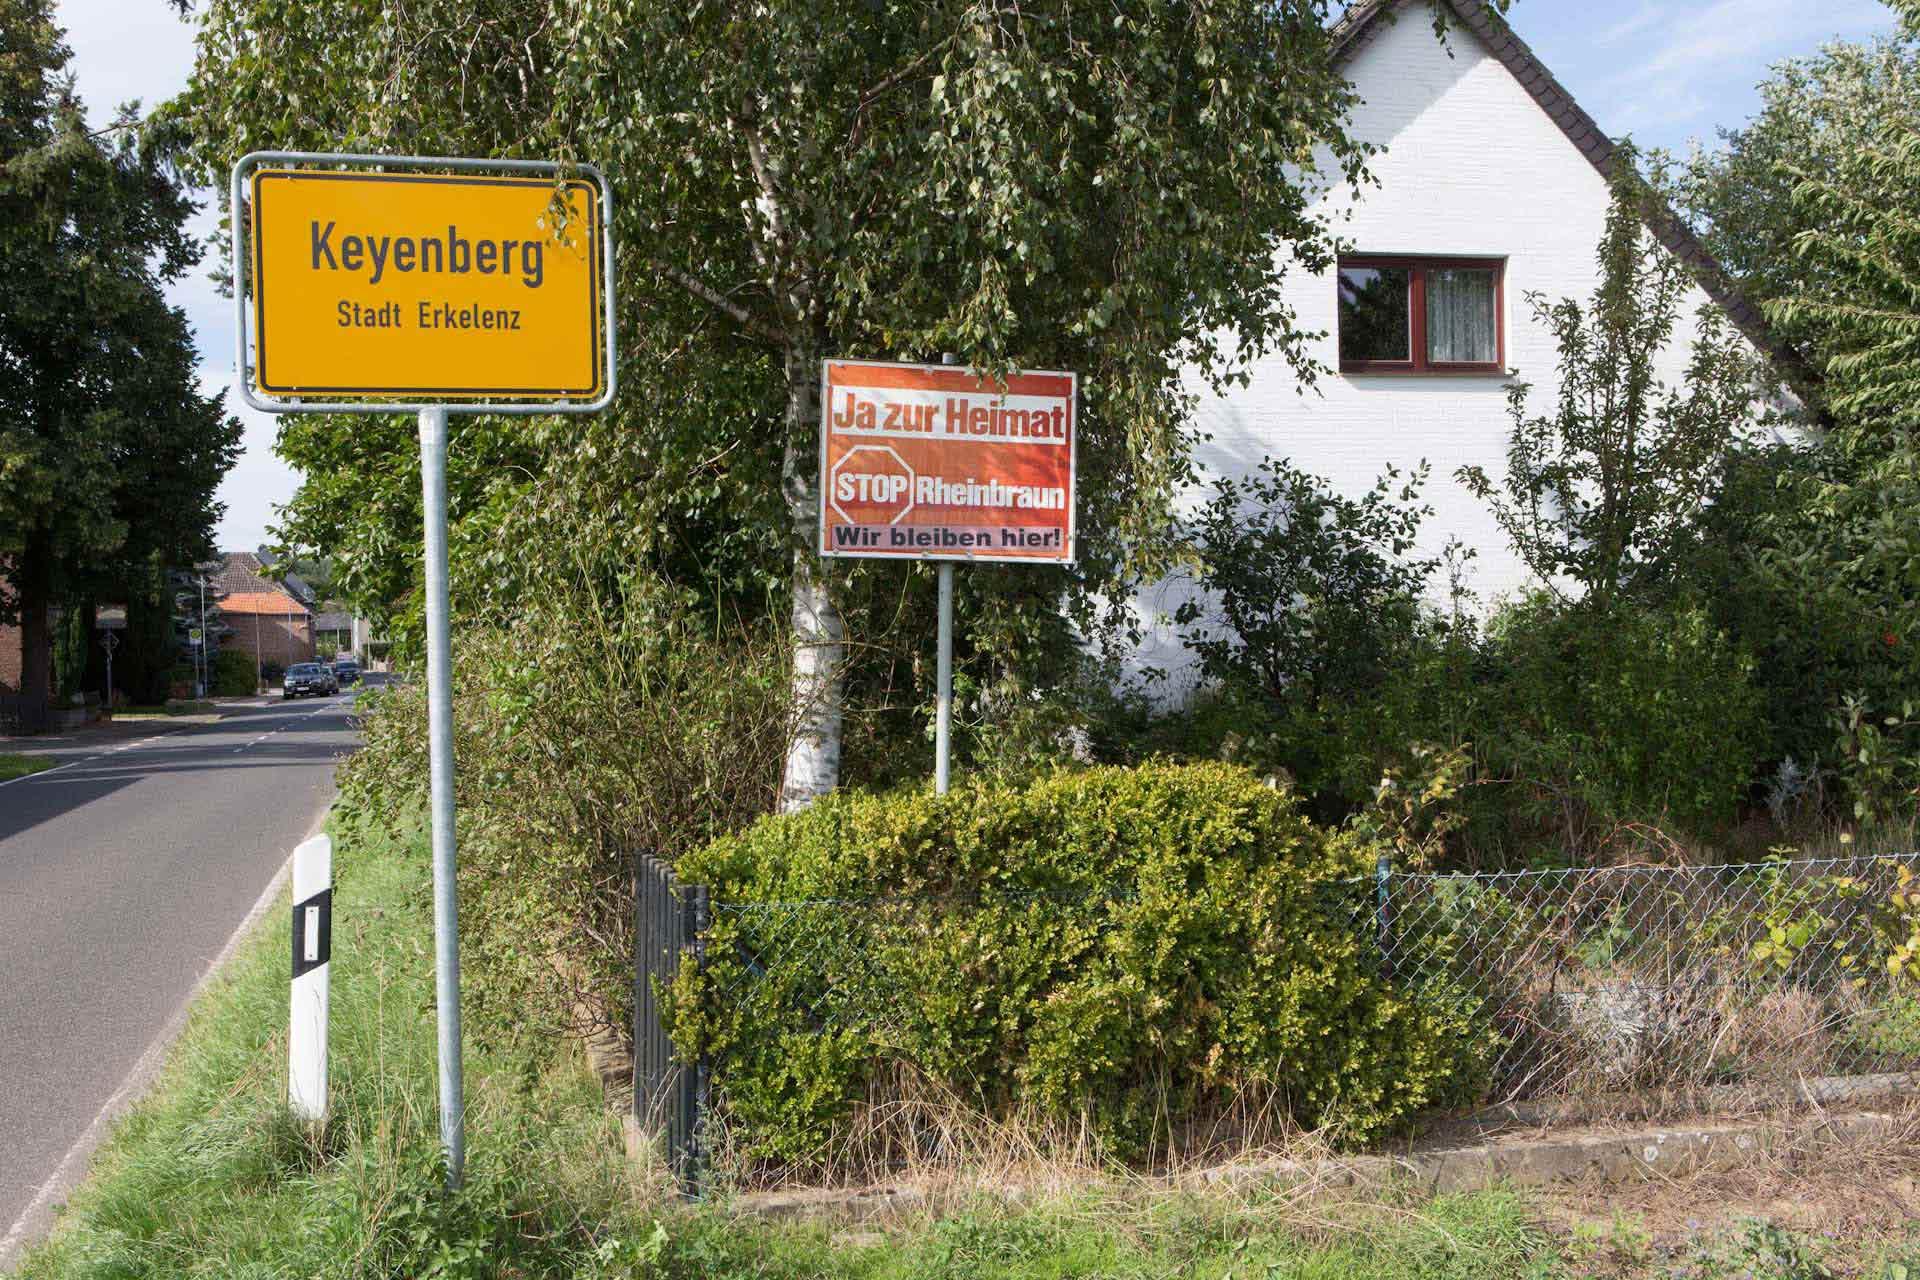 Auch in Keyenberg hat die Umsiedlung begonnen, bis spätestens 2025 soll das Dorf dem Tagebau Garzweiler II weichen